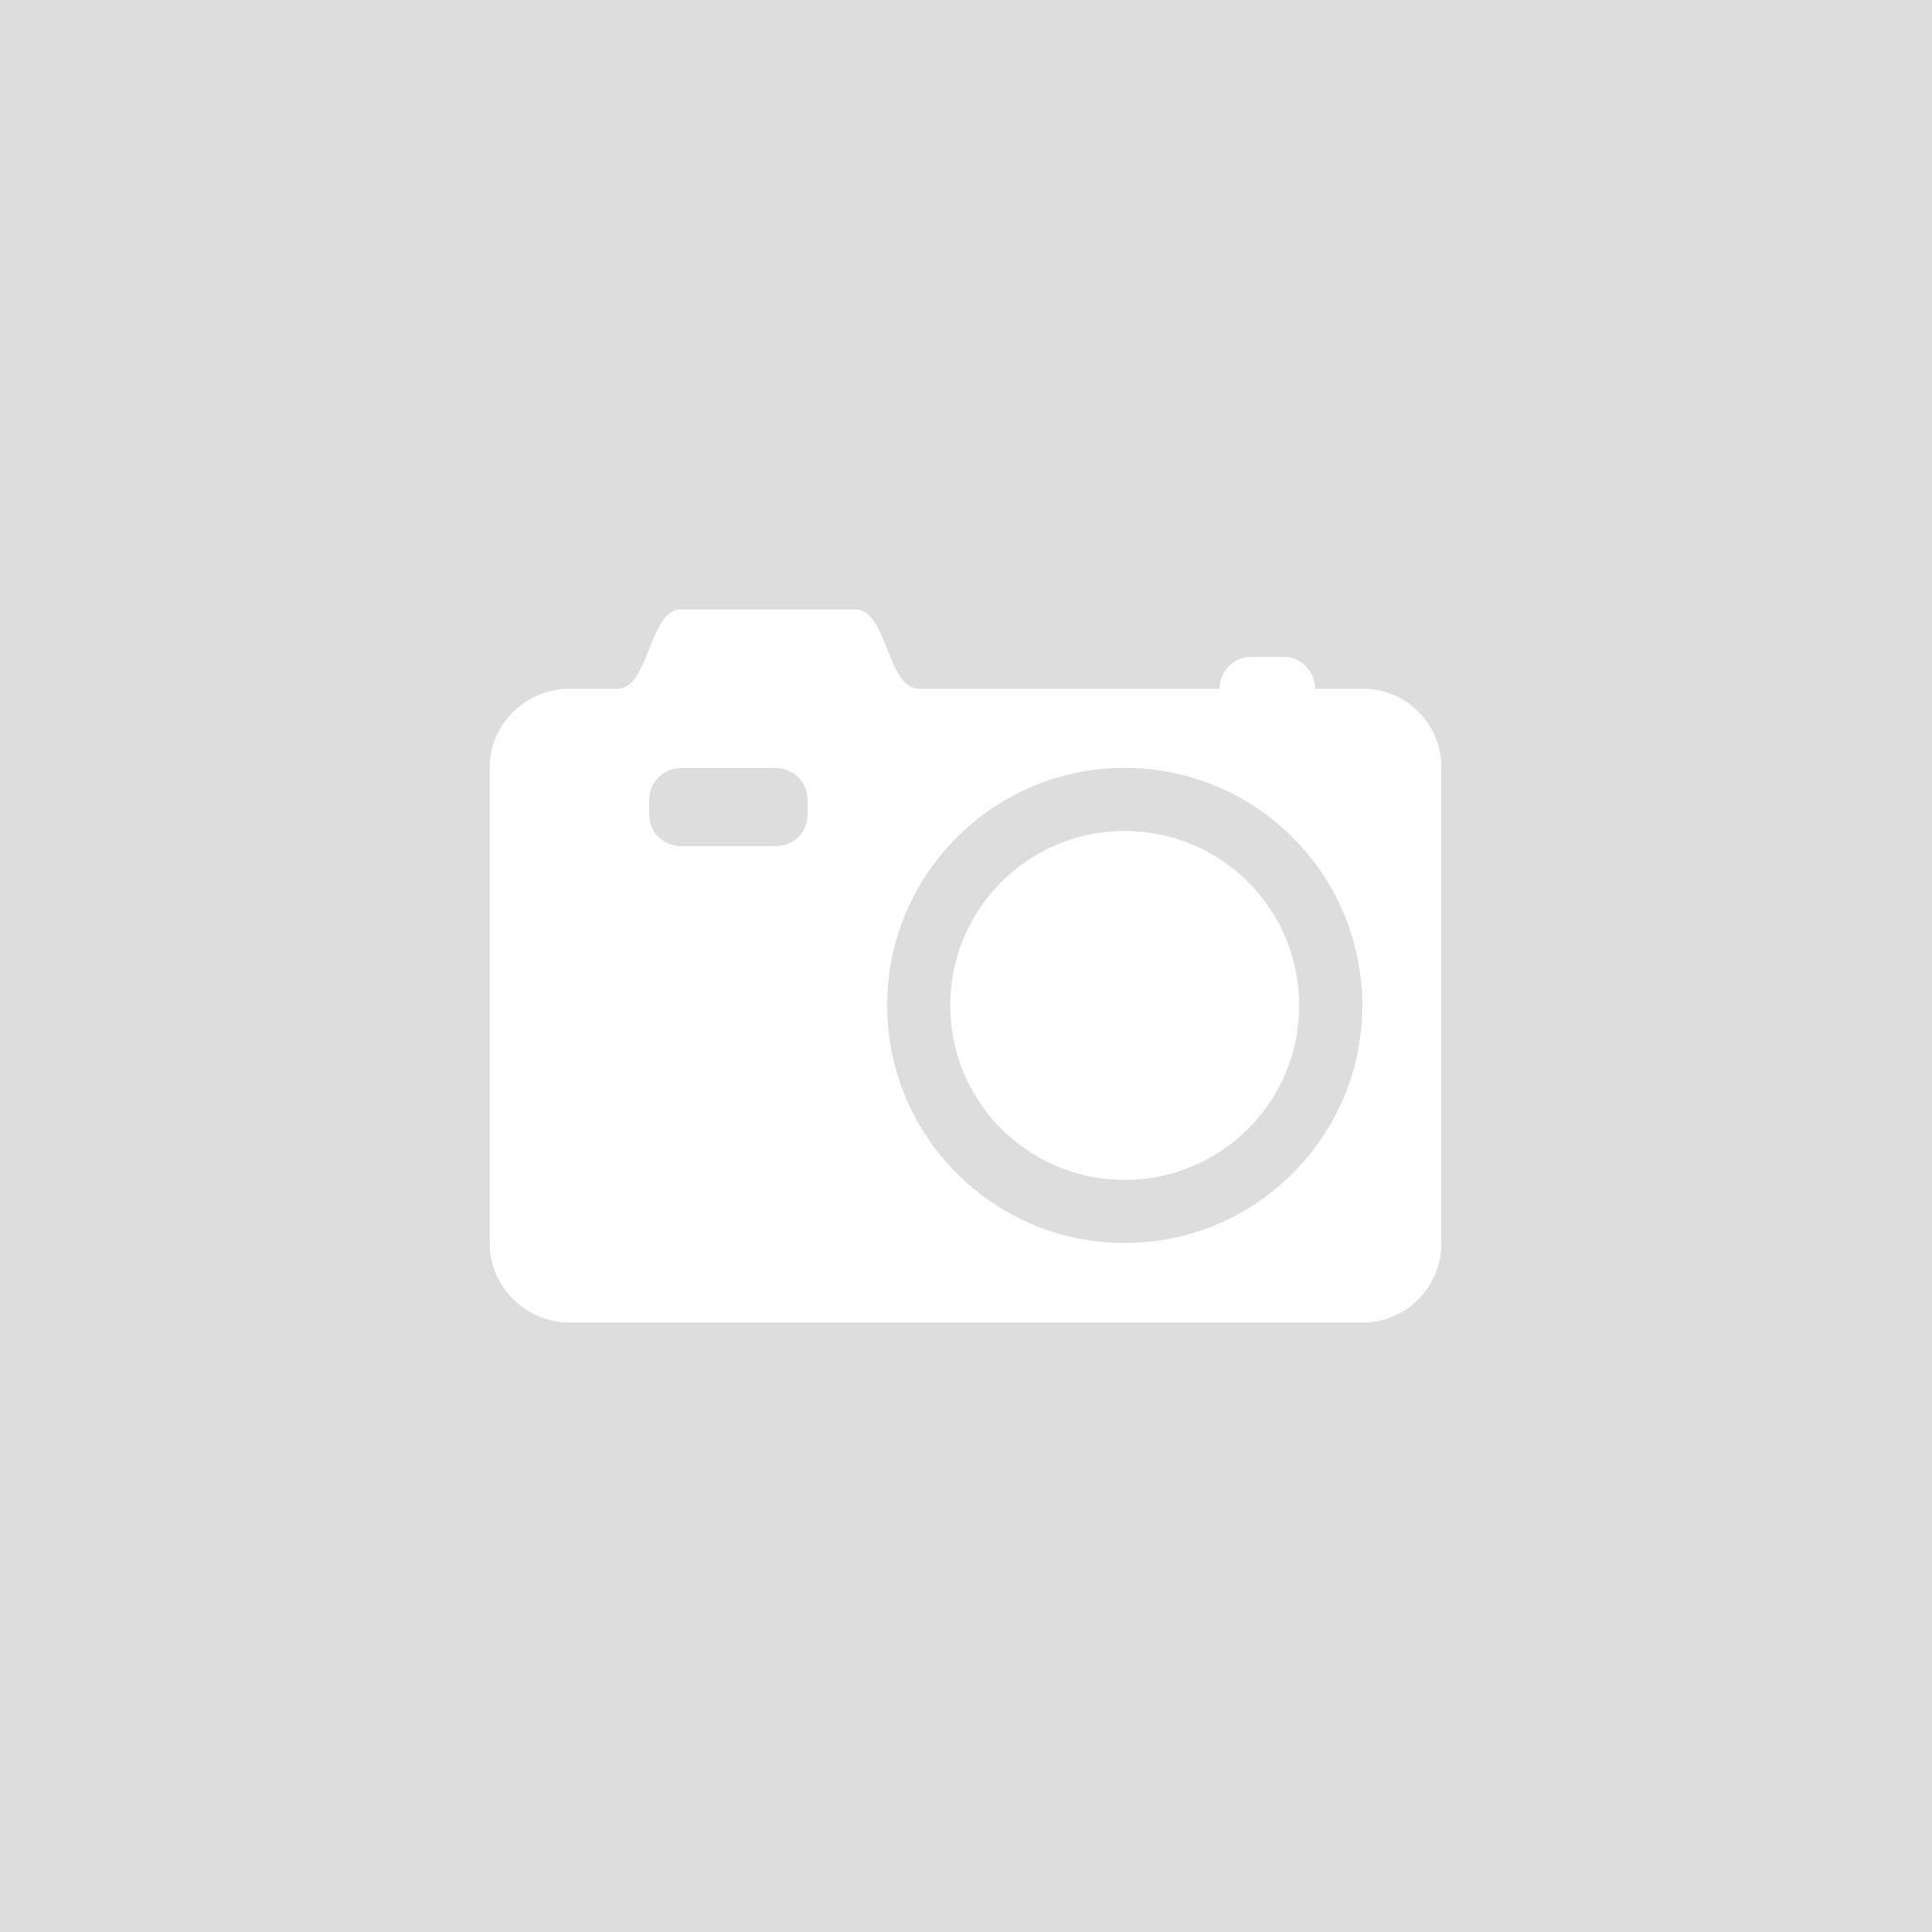 Alexa Teal Oriental Blossom Wallpaper by Rasch 599022